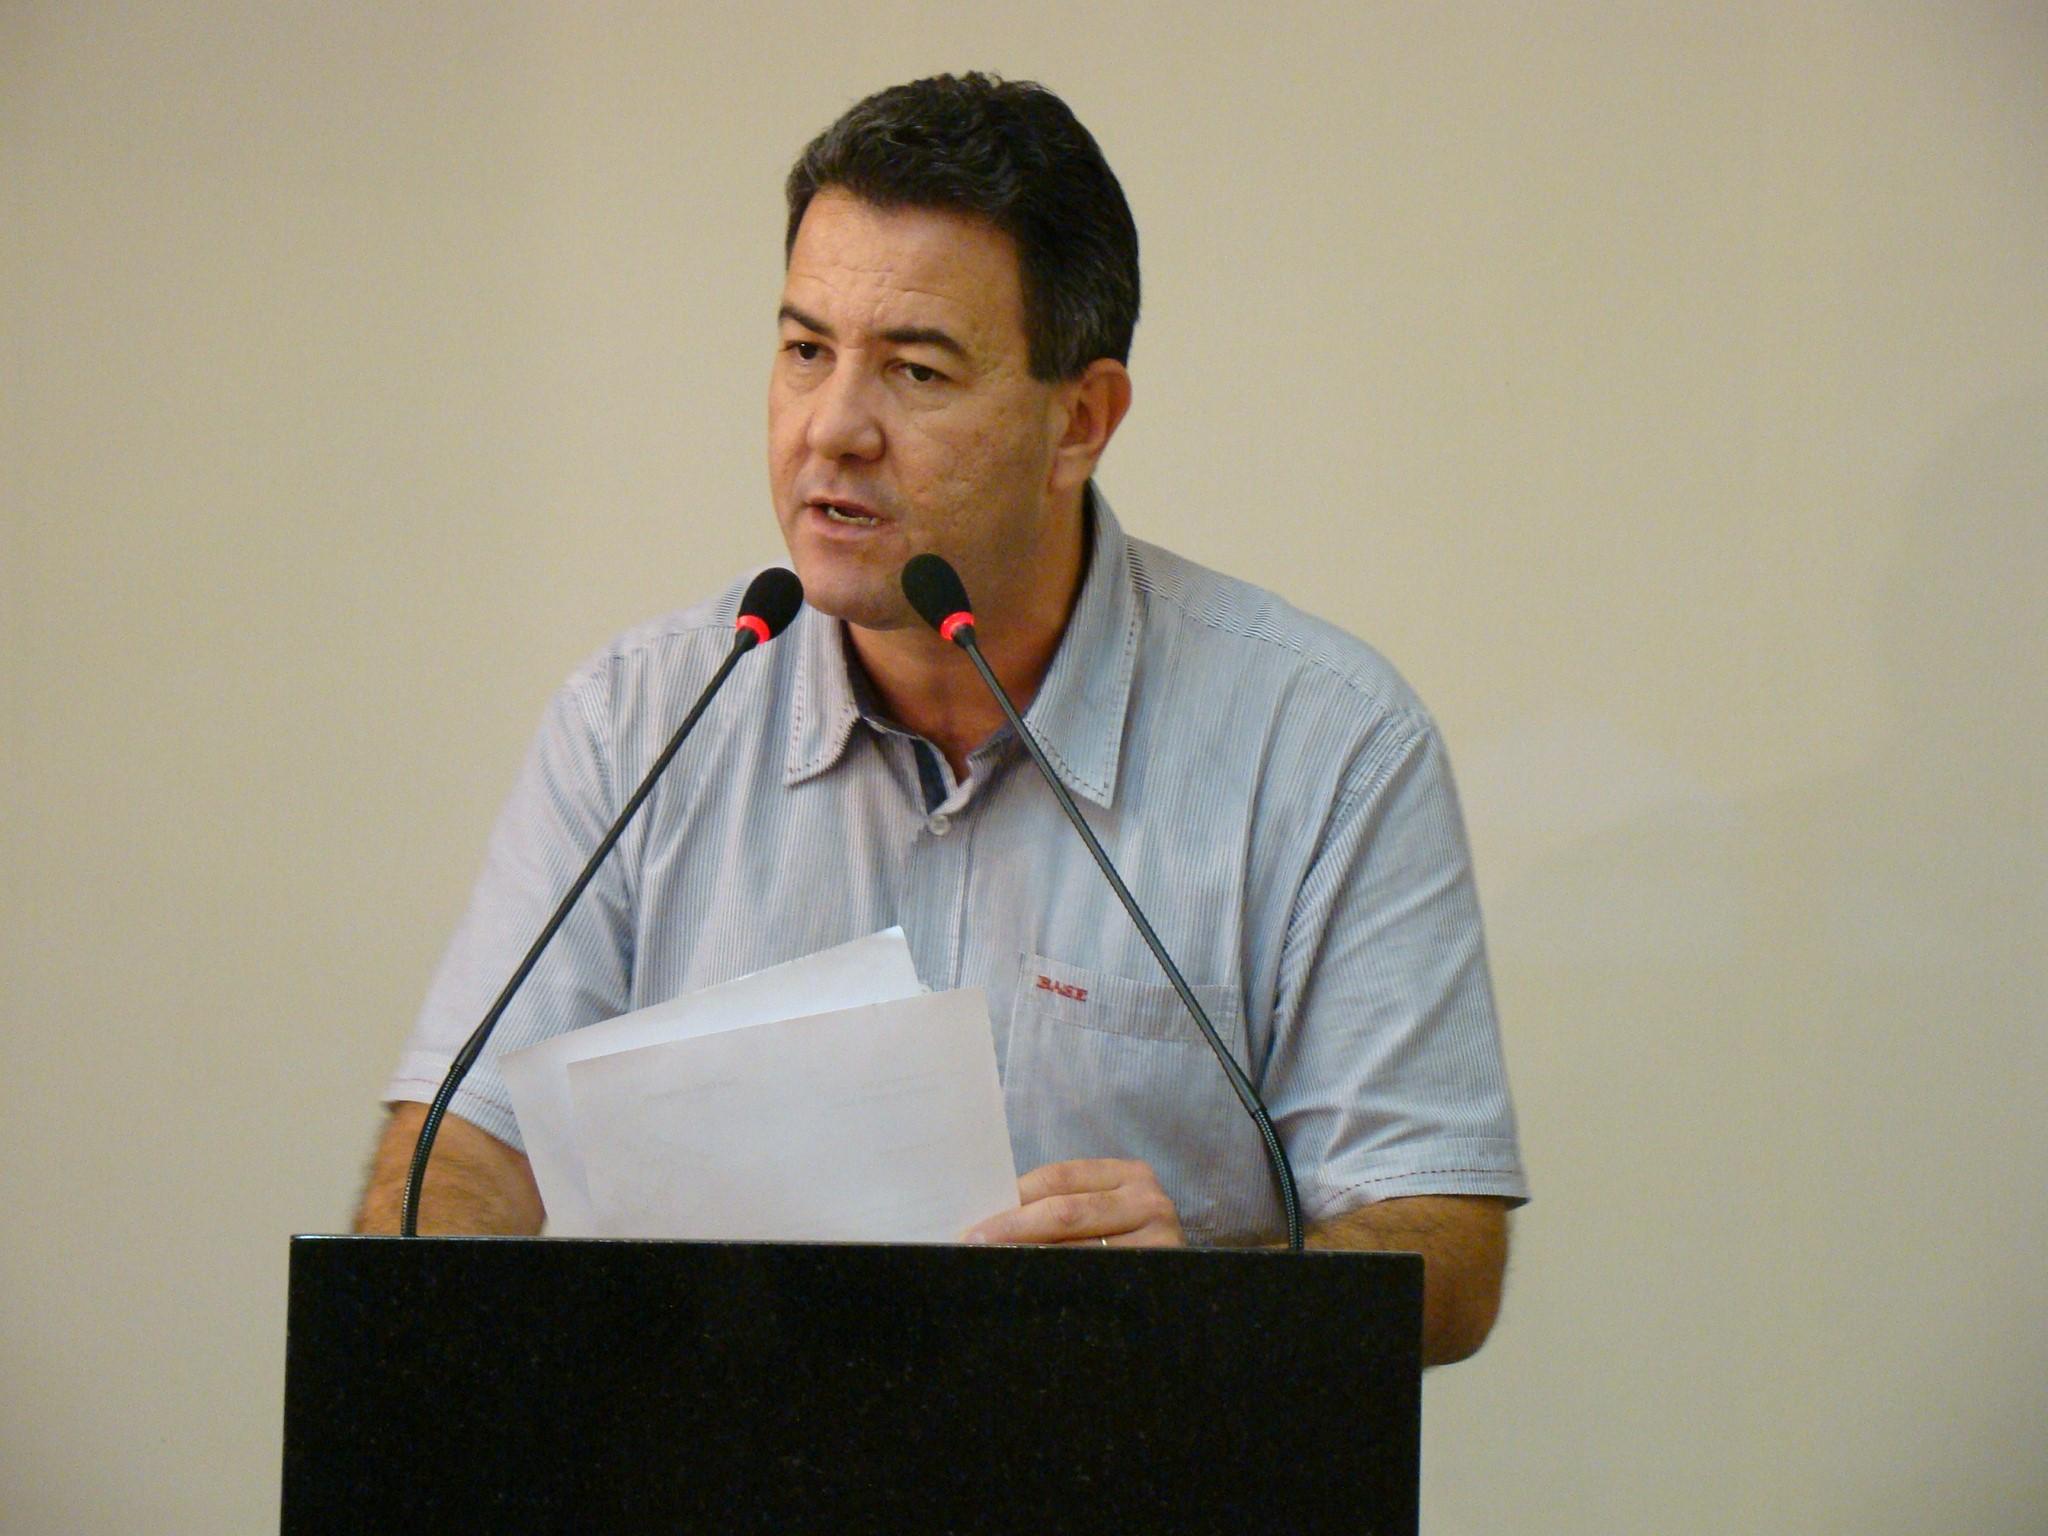 Vereador se pronunciou na tribuna na sessão de quinta-feira, 18